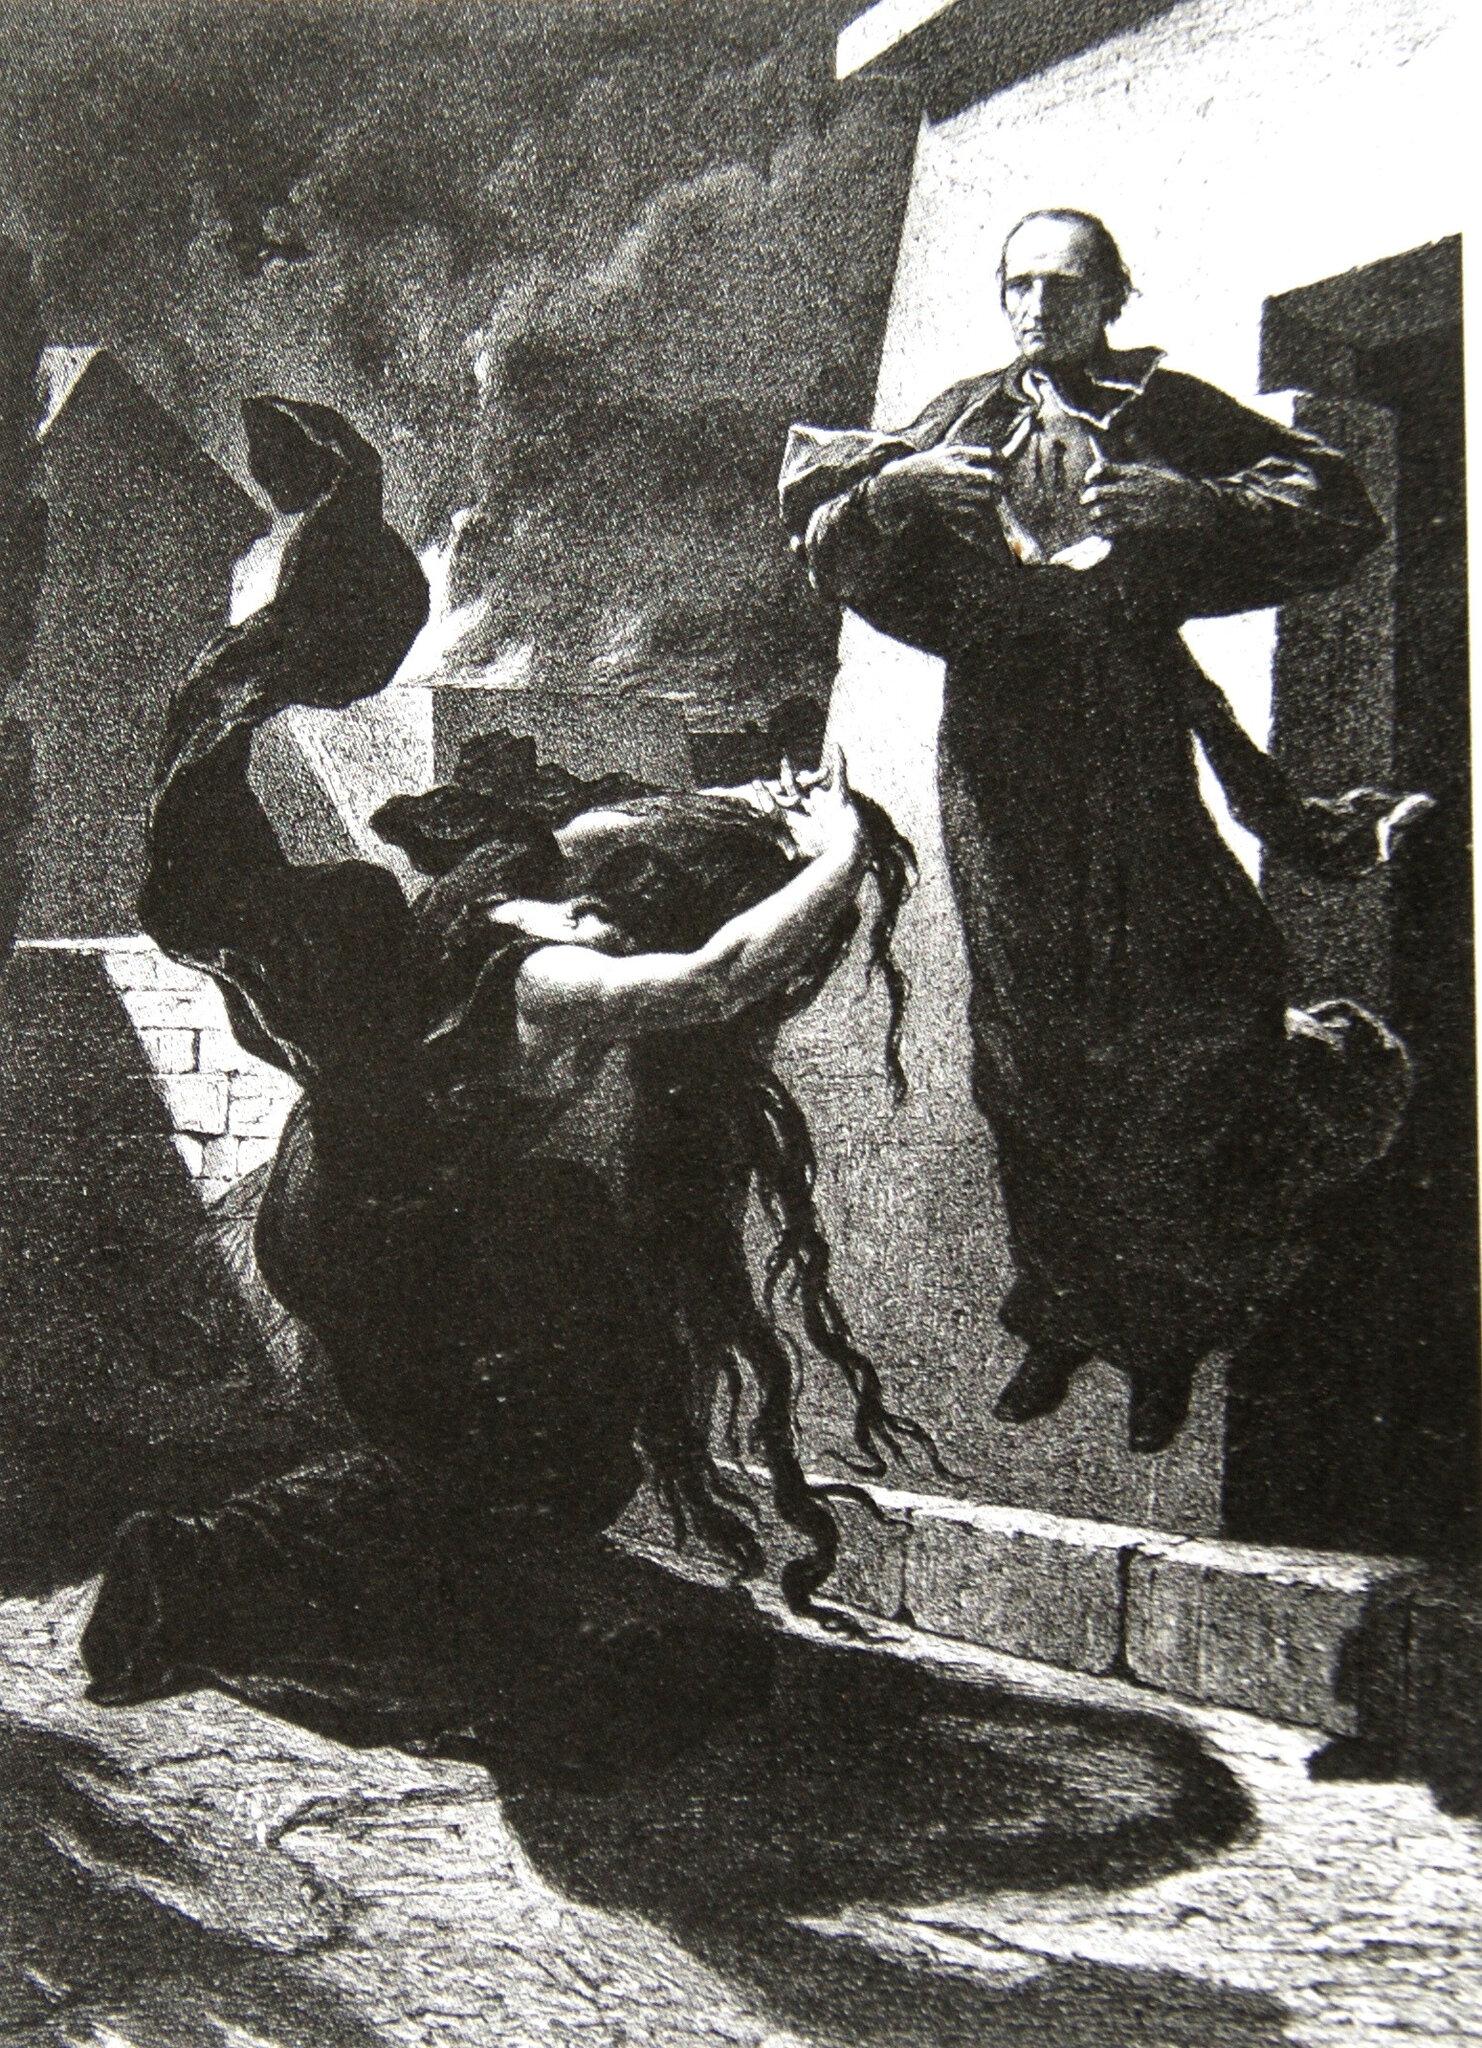 Laurens, l'église en deuil, litho 1871